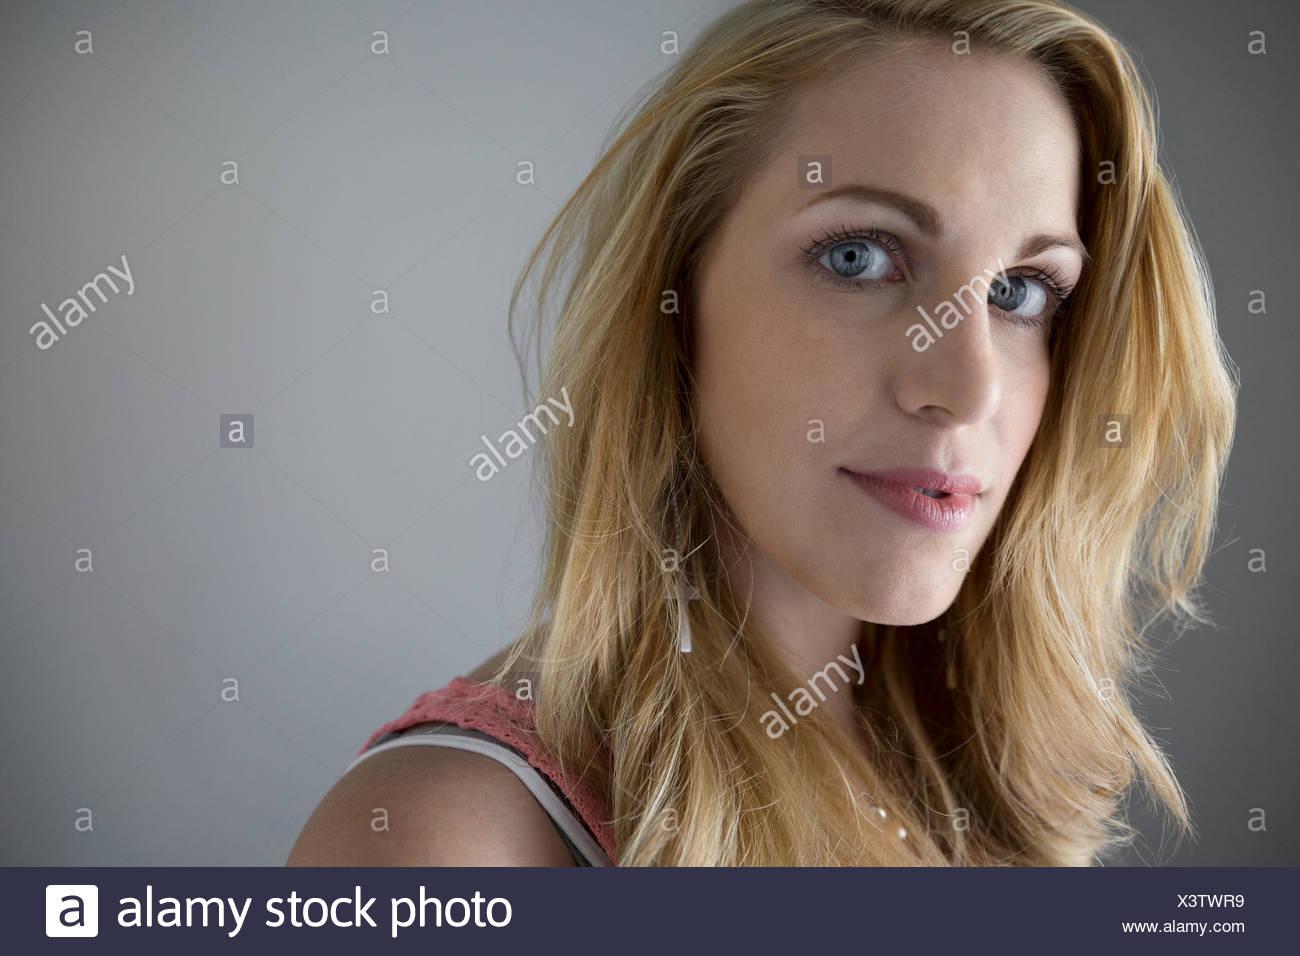 Porträt zuversichtlich blonde junge Frau Stockbild